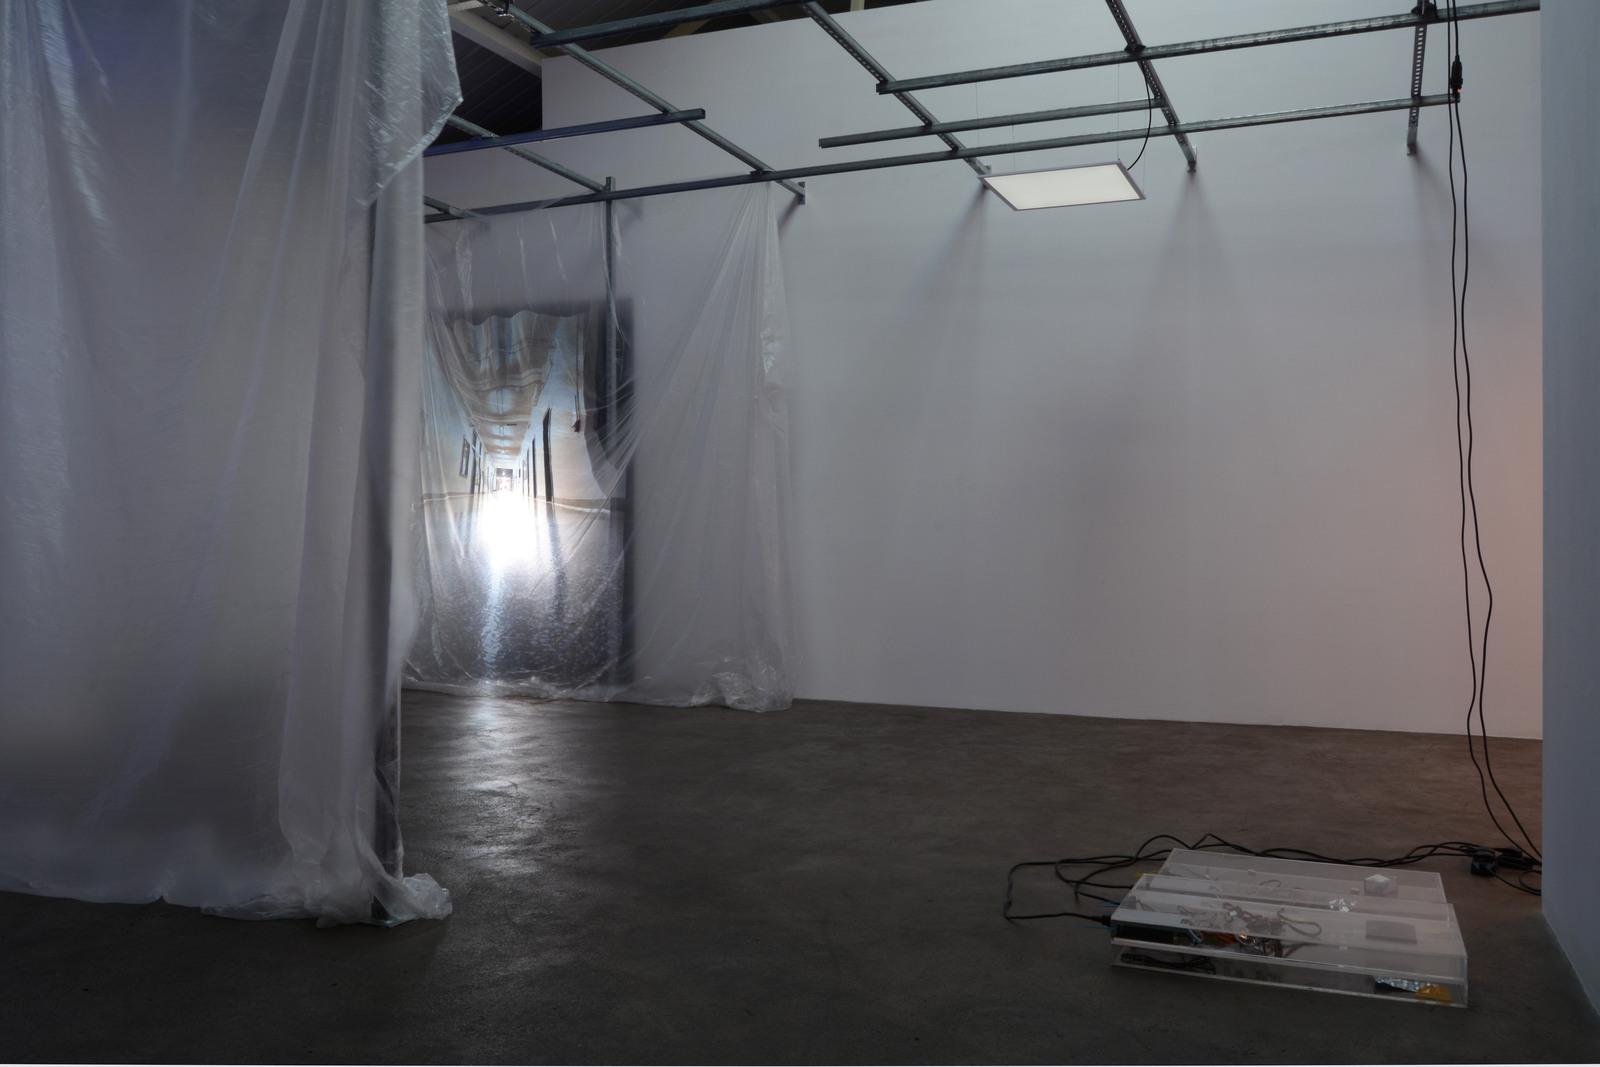 16. Yuri Pattison_sunset provision_installation view_(infinite corridor, infinite) Sunset Provision_dust,scraper, fan